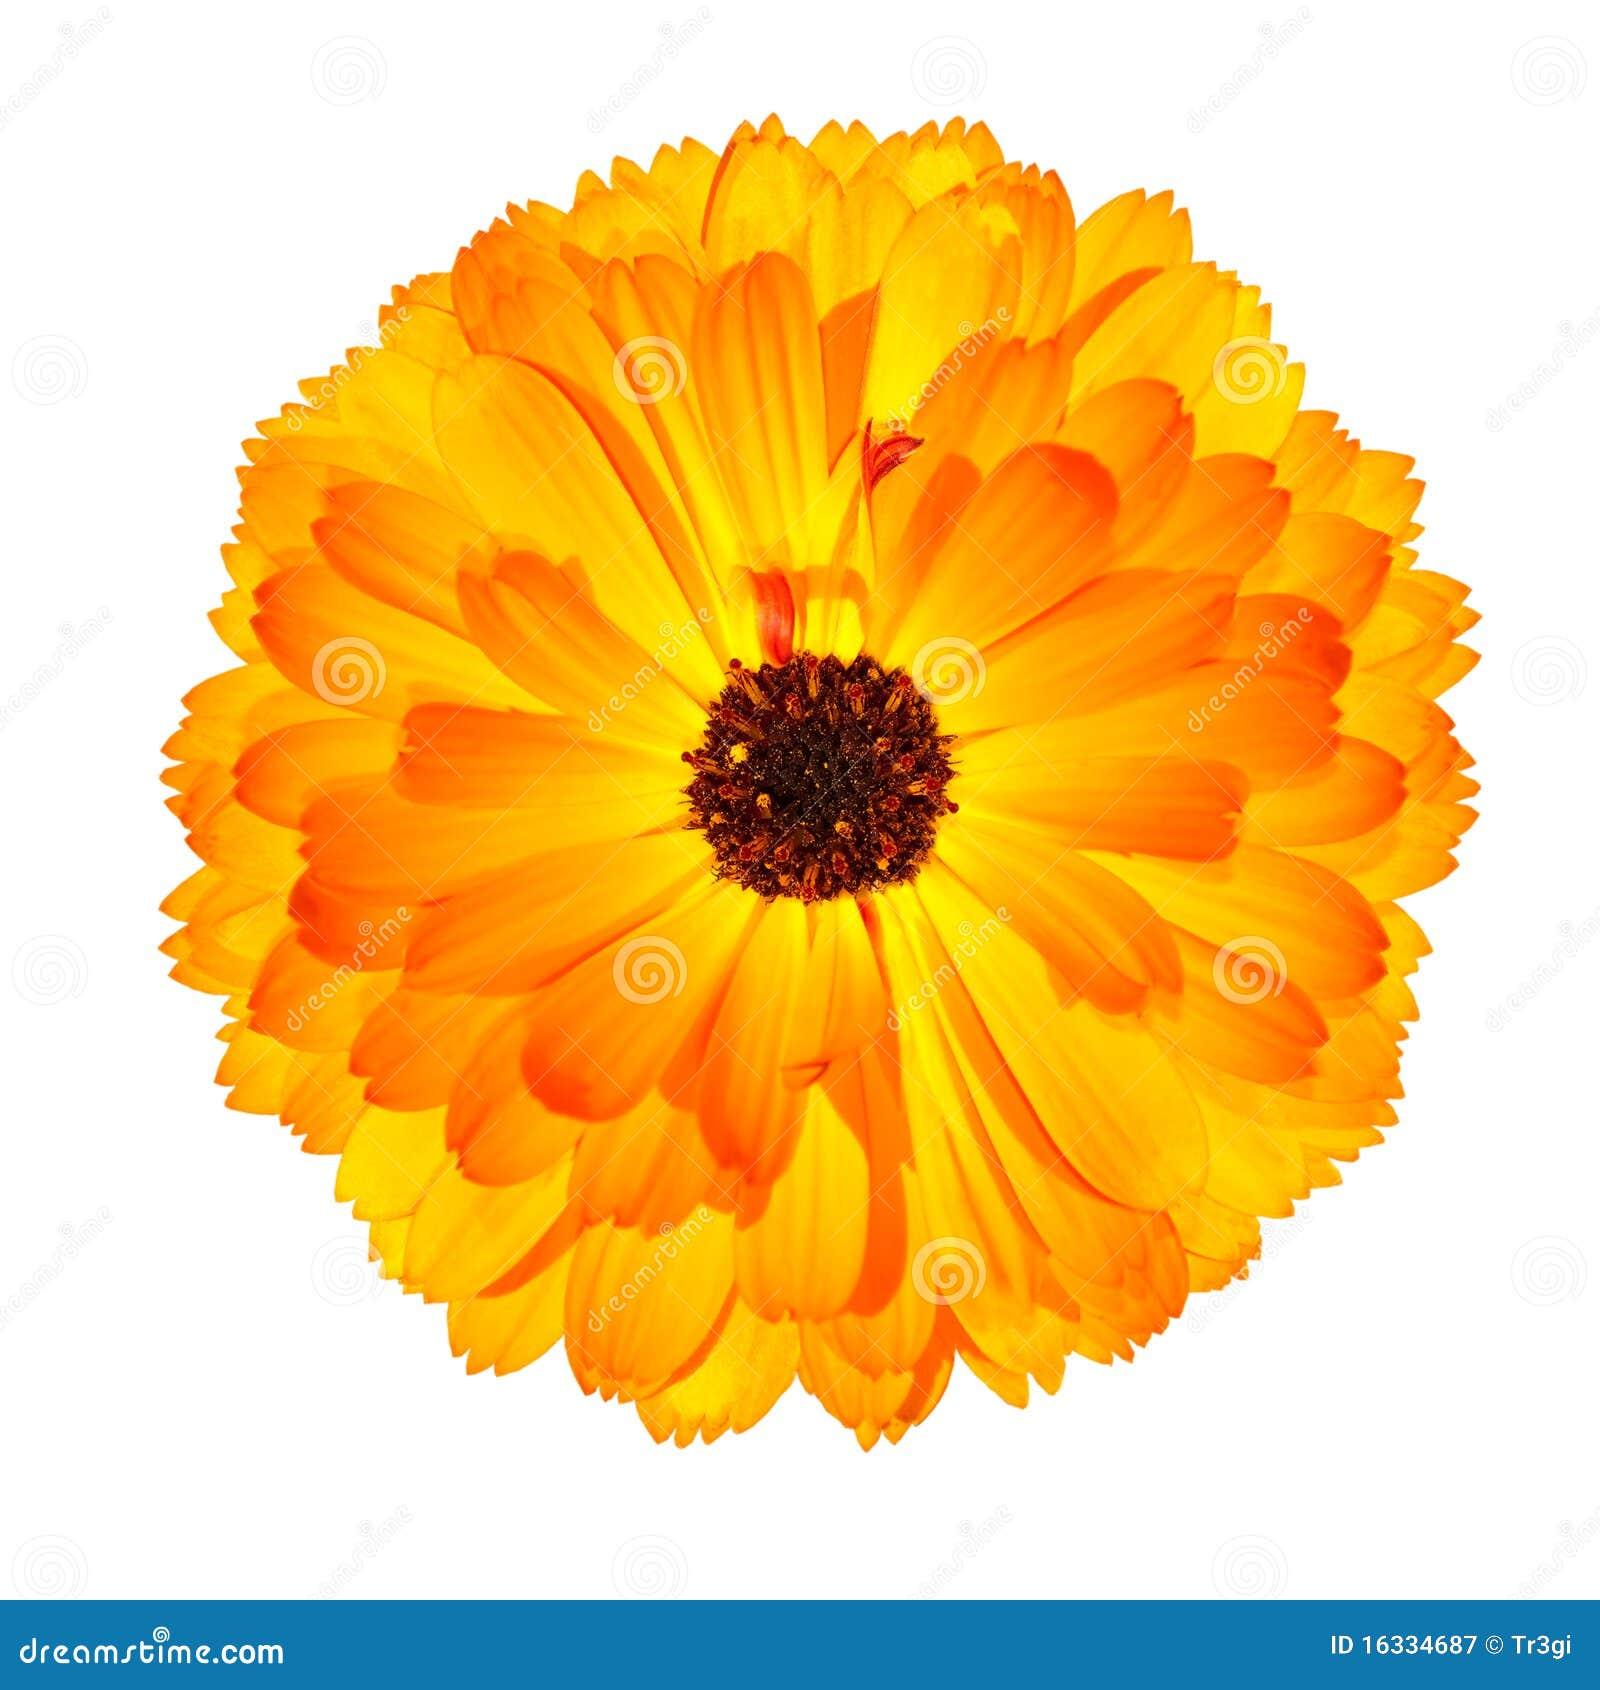 Orange marigolds clip art